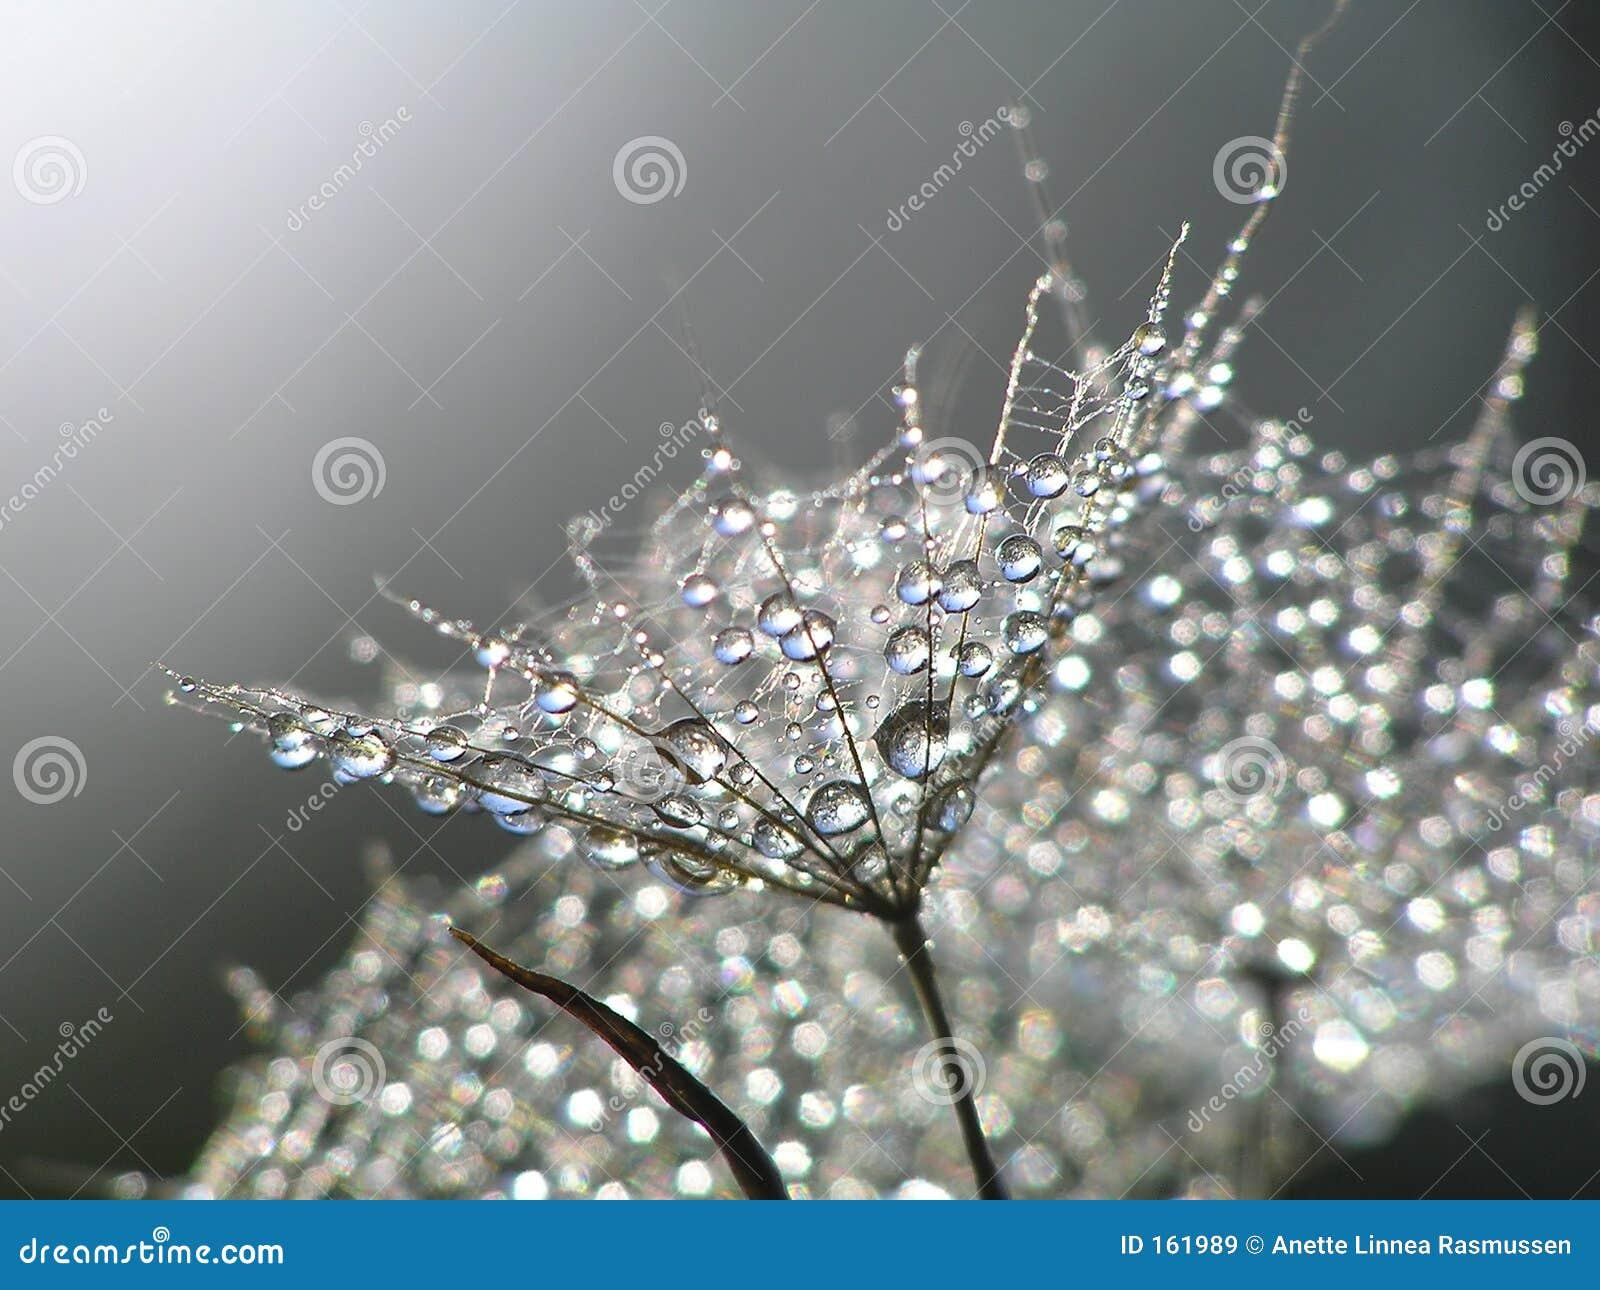 Waterdrops on dandelion